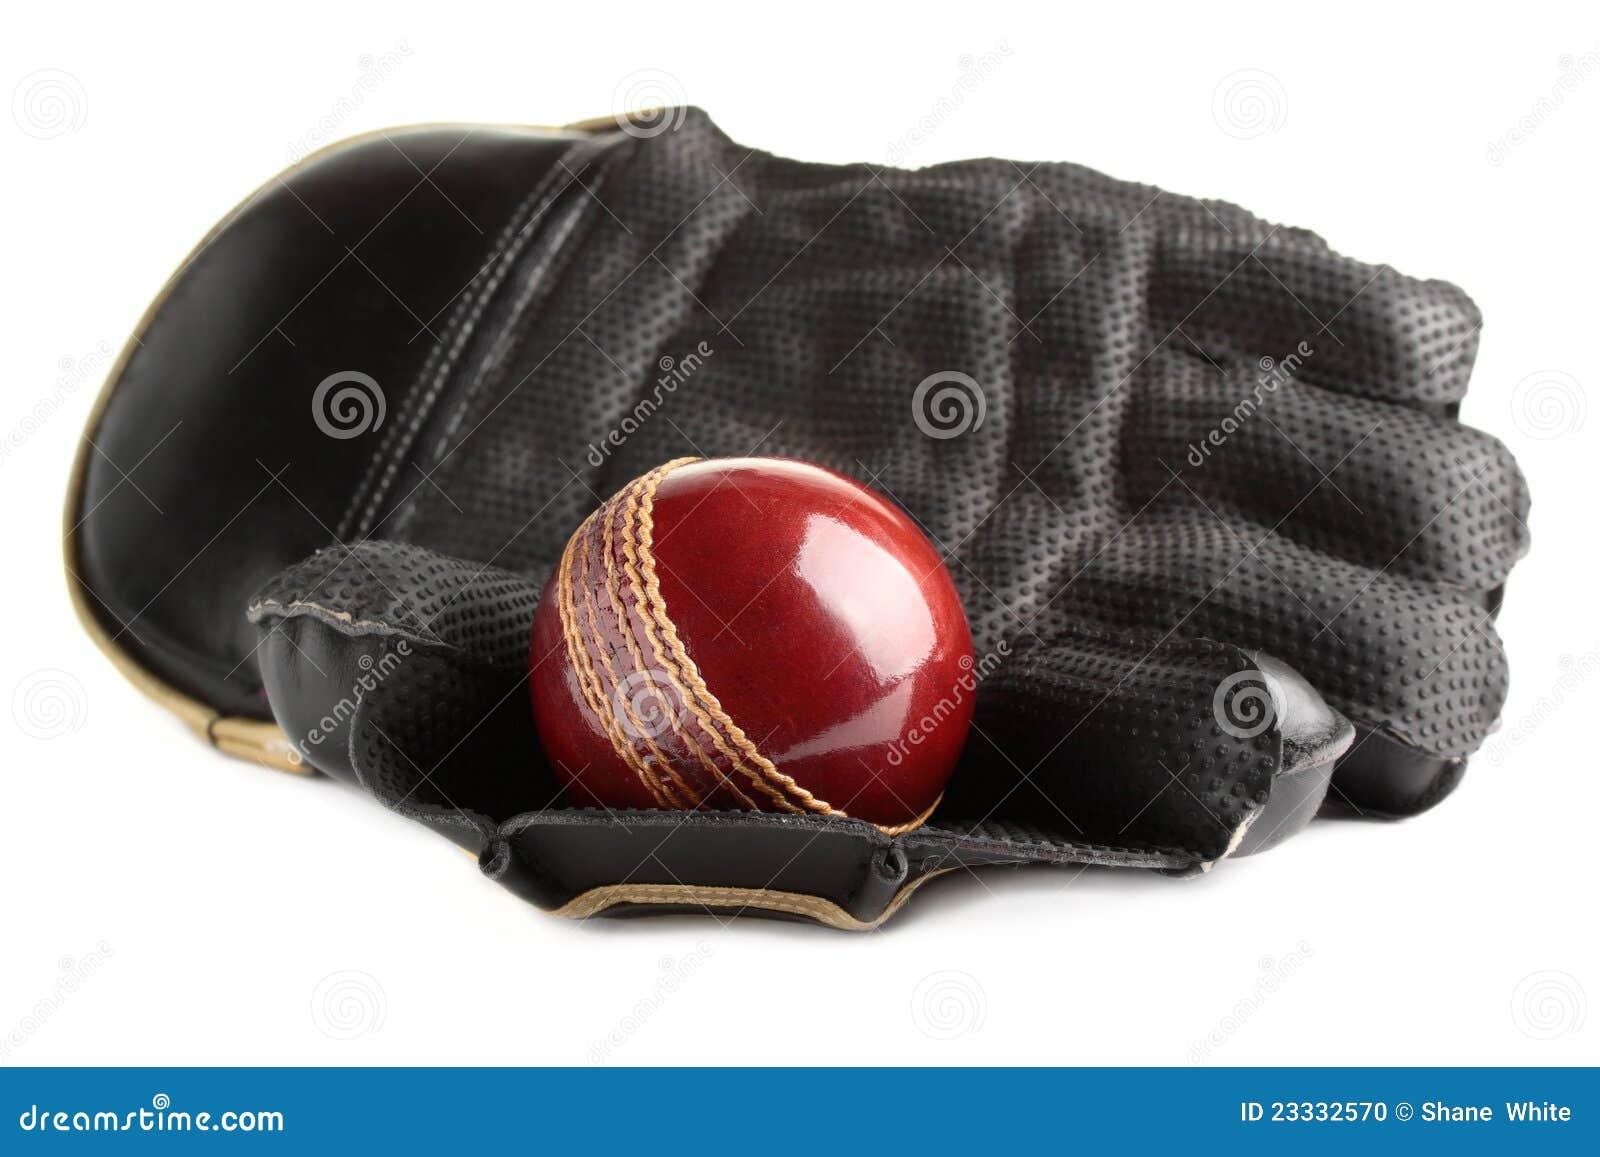 Kricketkugel und -handschuh.